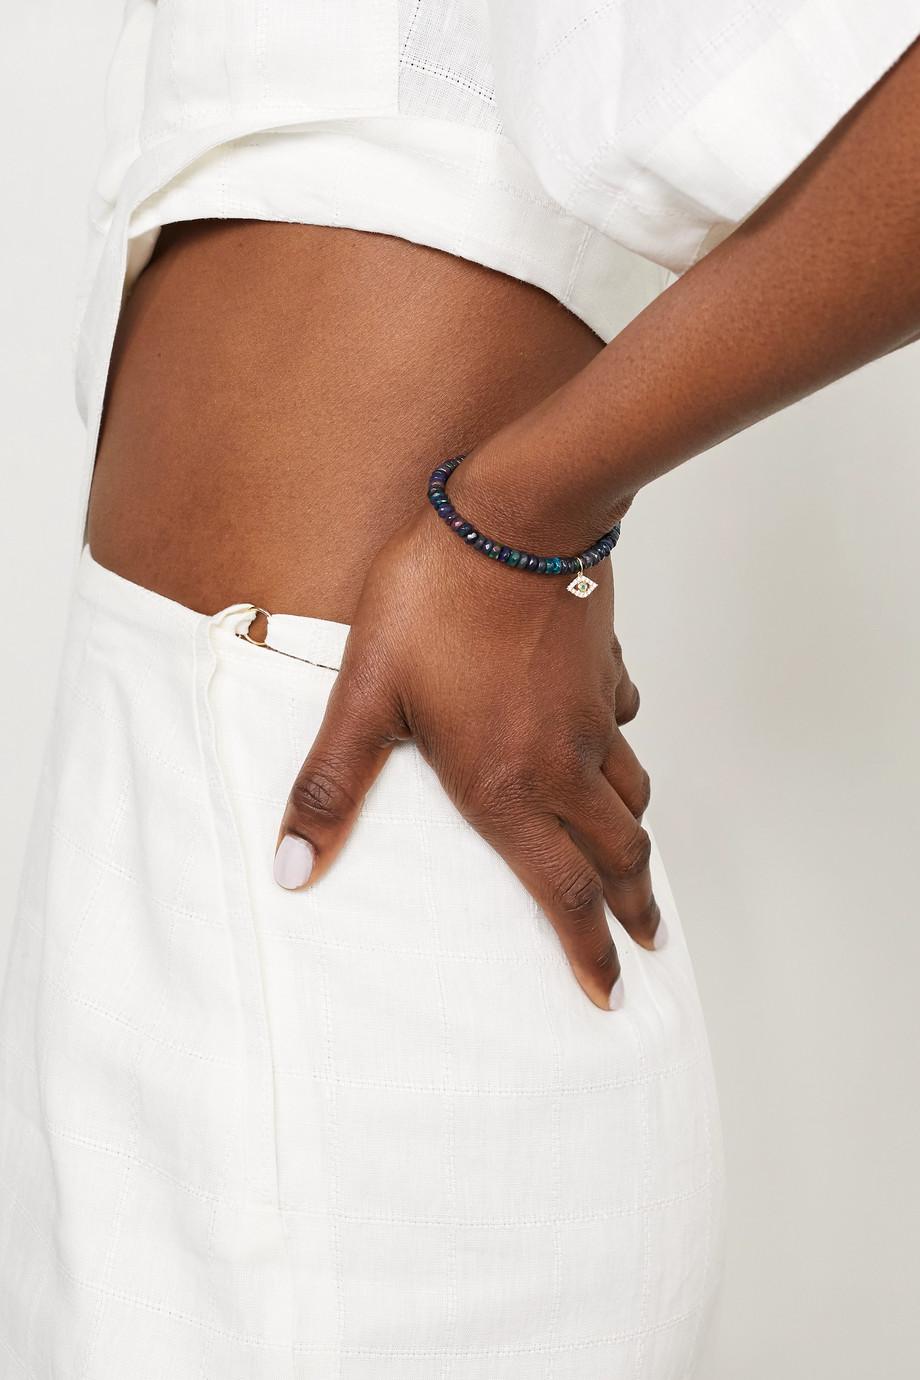 Sydney Evan Evil Eye Armband mit mehreren Steinen und Details aus 14 Karat Gold